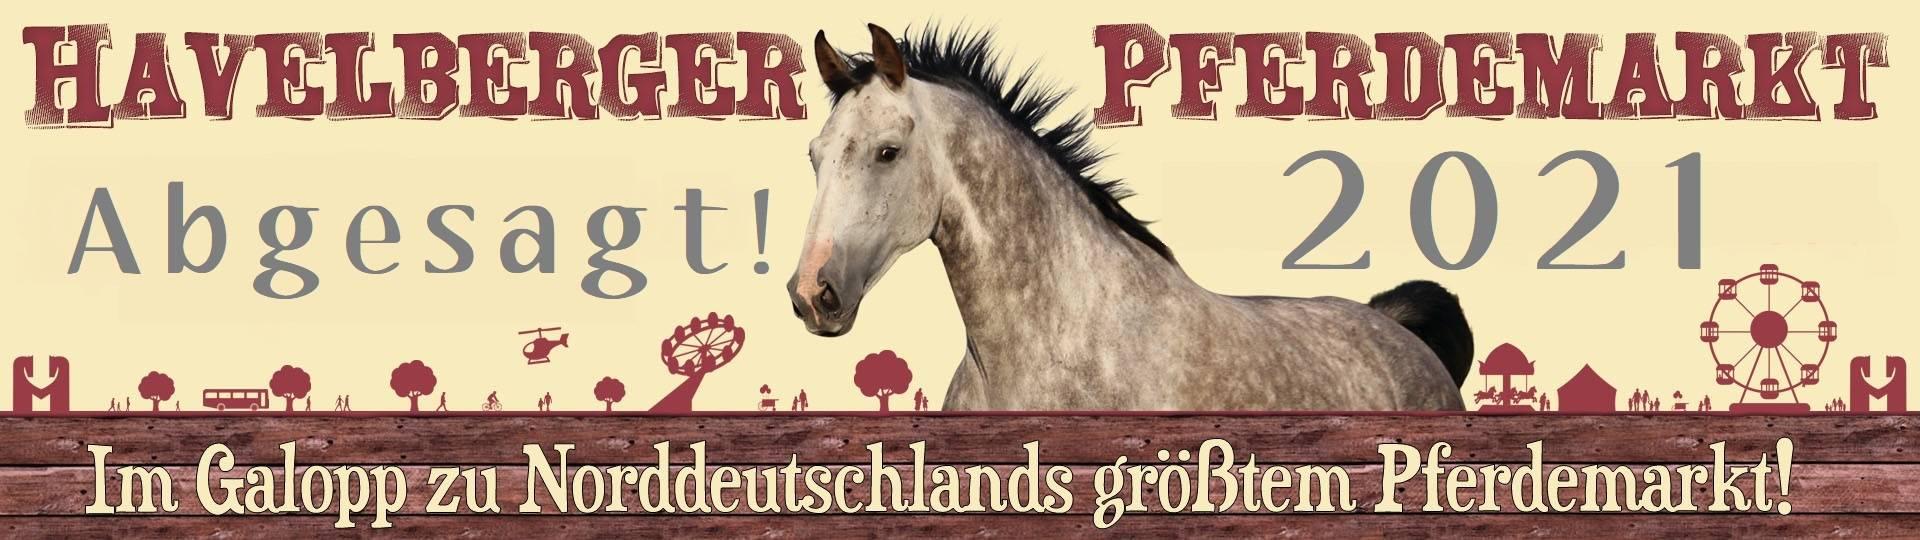 abgesagt pferdemarkt hp slider 2021 ©Hansestadt Havelberg